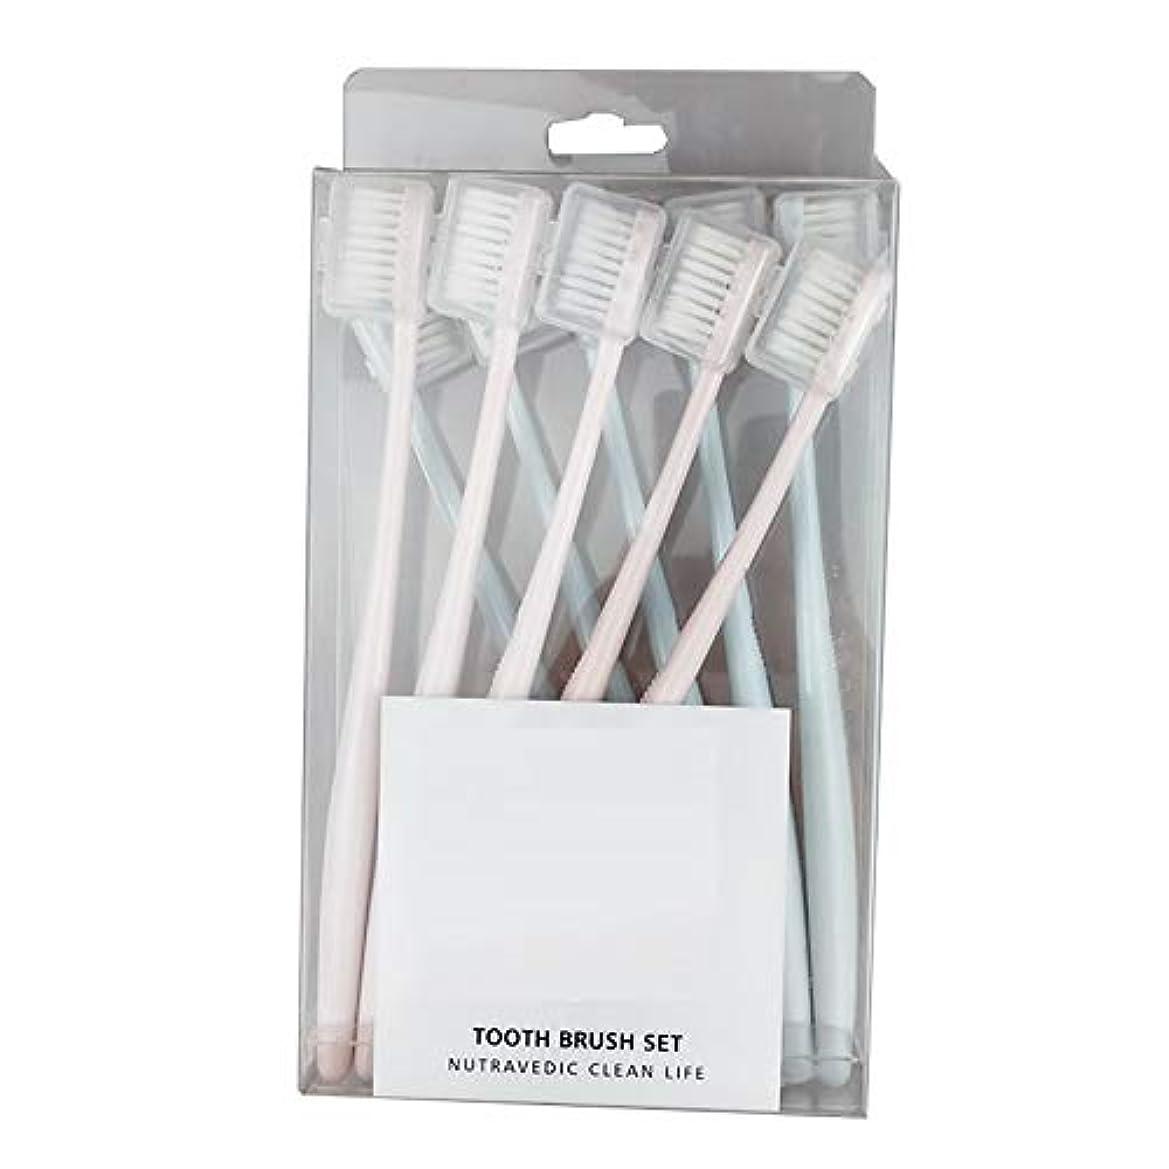 各ポット受け入れた歯ブラシ 竹炭歯ブラシ、アダルトソフト歯ブラシ、活性炭ホワイトニング - 使用できるスタイルの3種類 HL (サイズ : A - 10 packs)